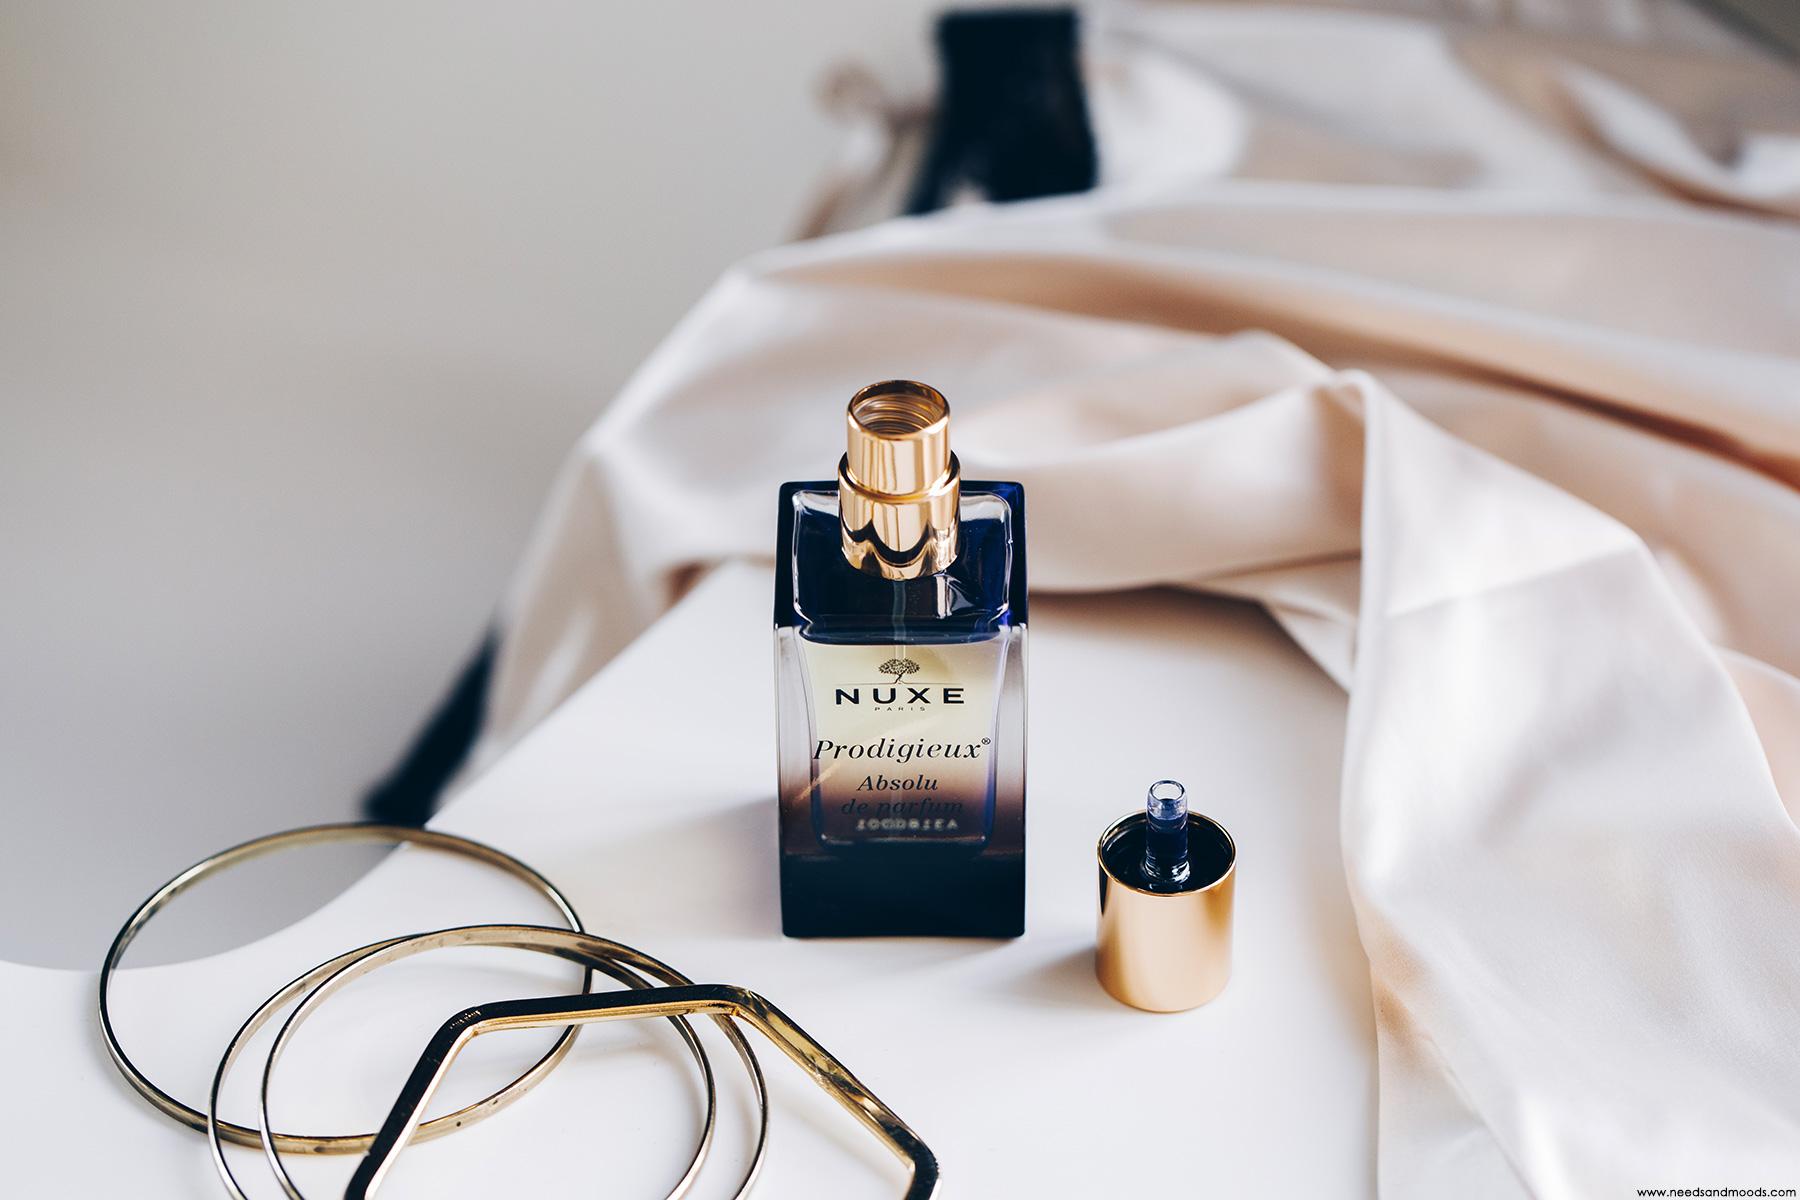 nuxe prodigieux absolu parfum avis